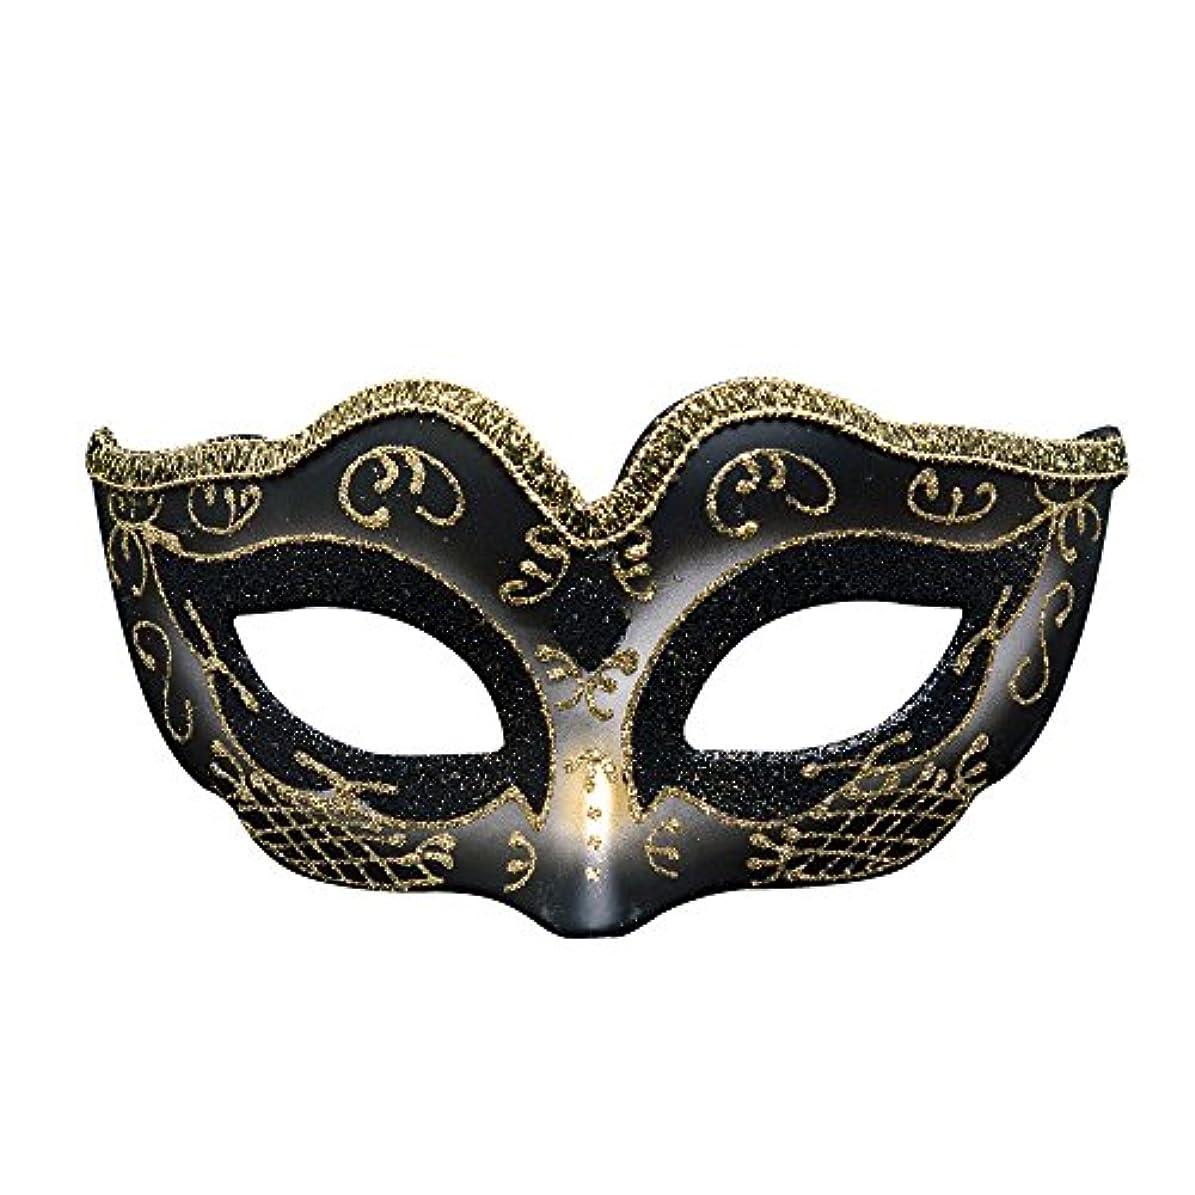 日没ホイール茎クリエイティブカスタム子供のなりすましパーティーハロウィーンマスククリスマス雰囲気マスク (Color : C)